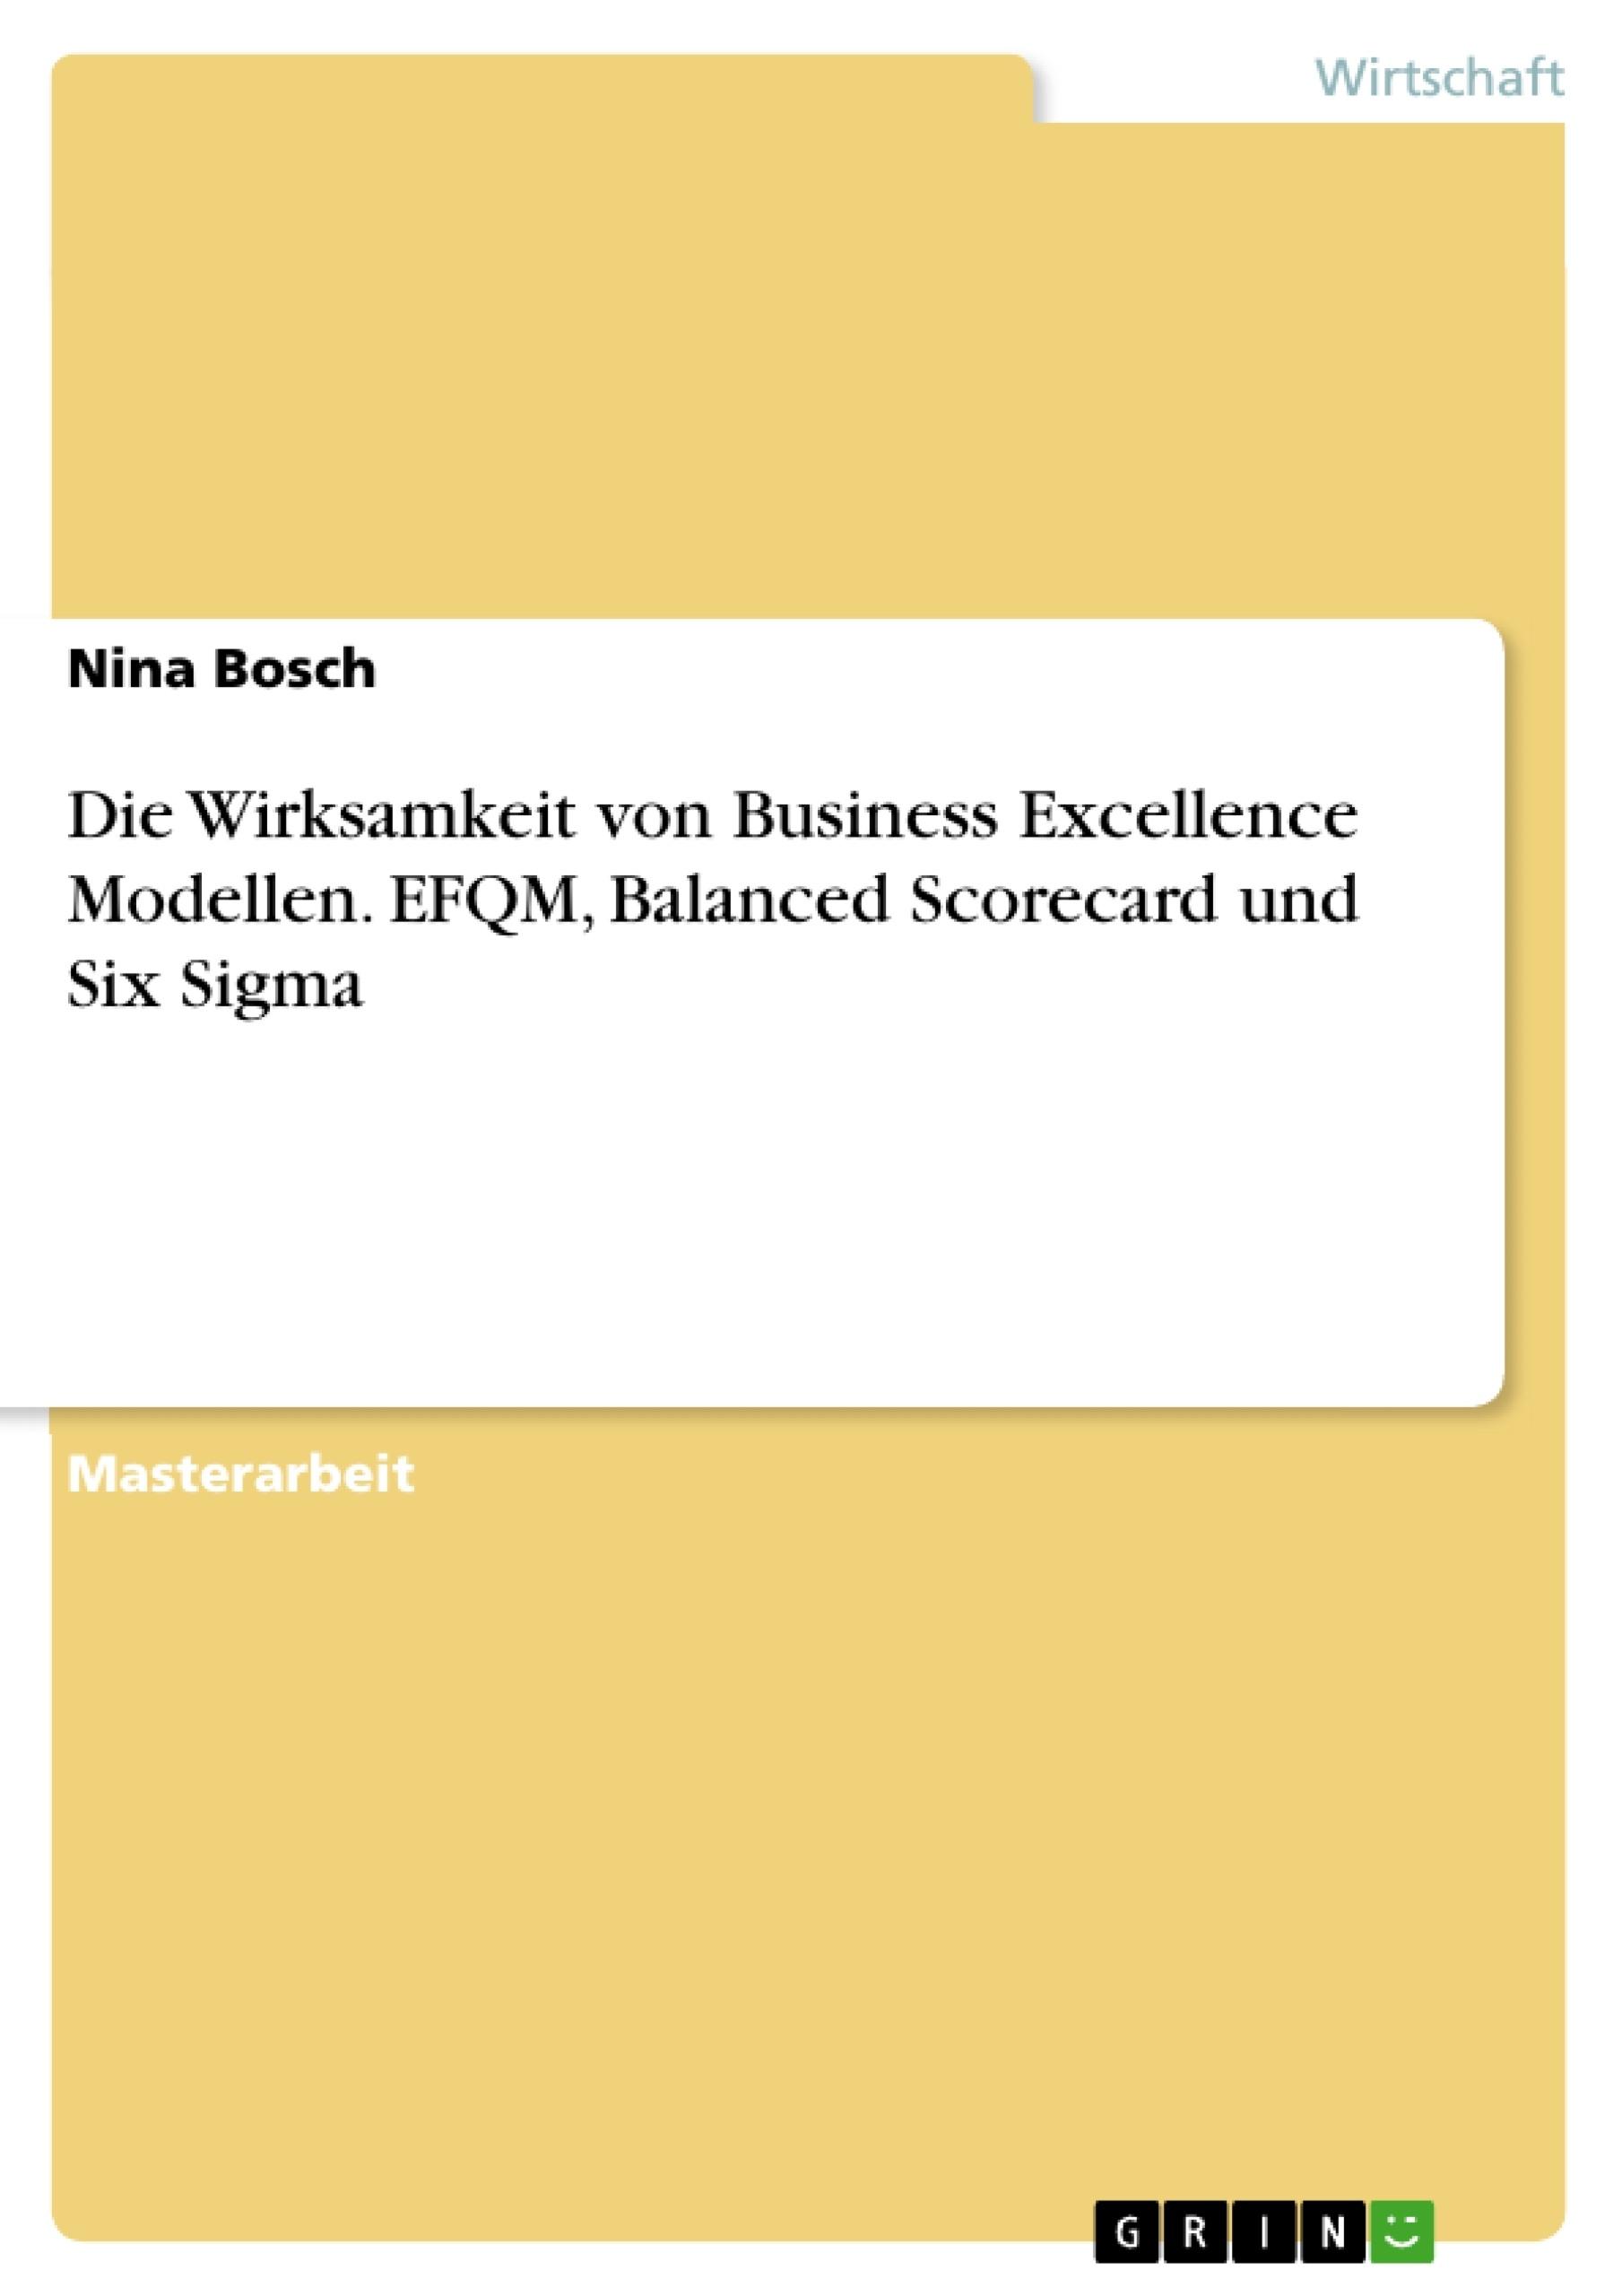 Titel: Die Wirksamkeit von Business Excellence Modellen. EFQM, Balanced Scorecard und Six Sigma